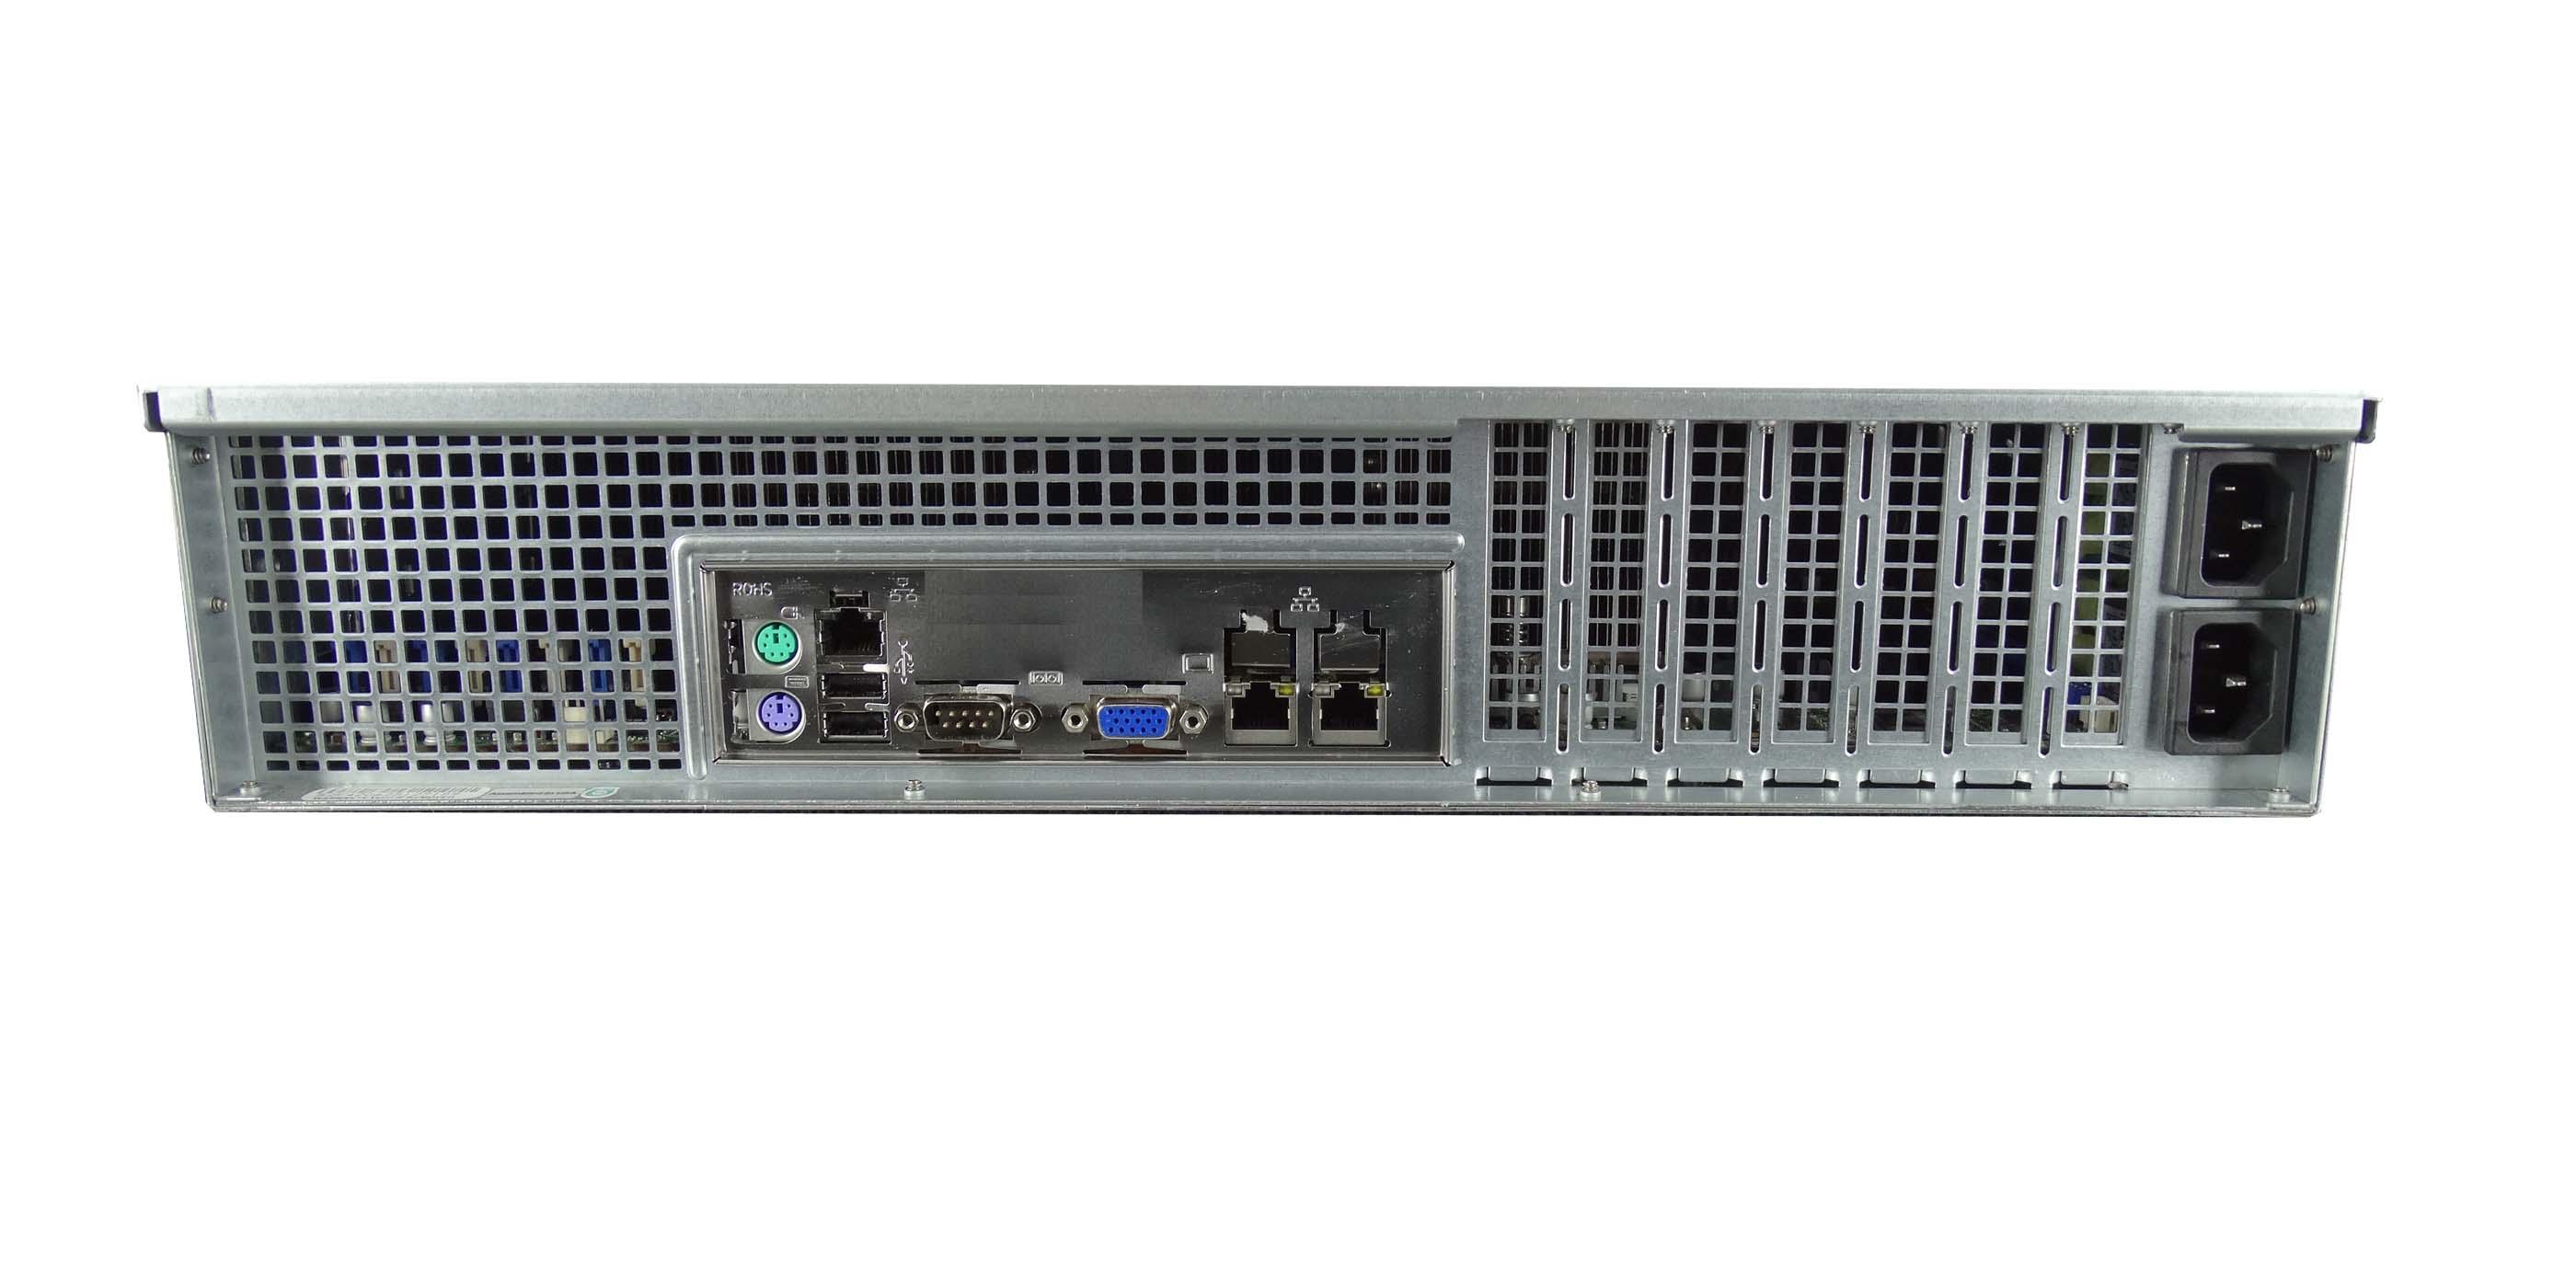 Supermicro-828TQ-R1K43LPB-W-H8QG6-F-4x-AMD-6128-48GB-6x-Trays-Rails thumbnail 3